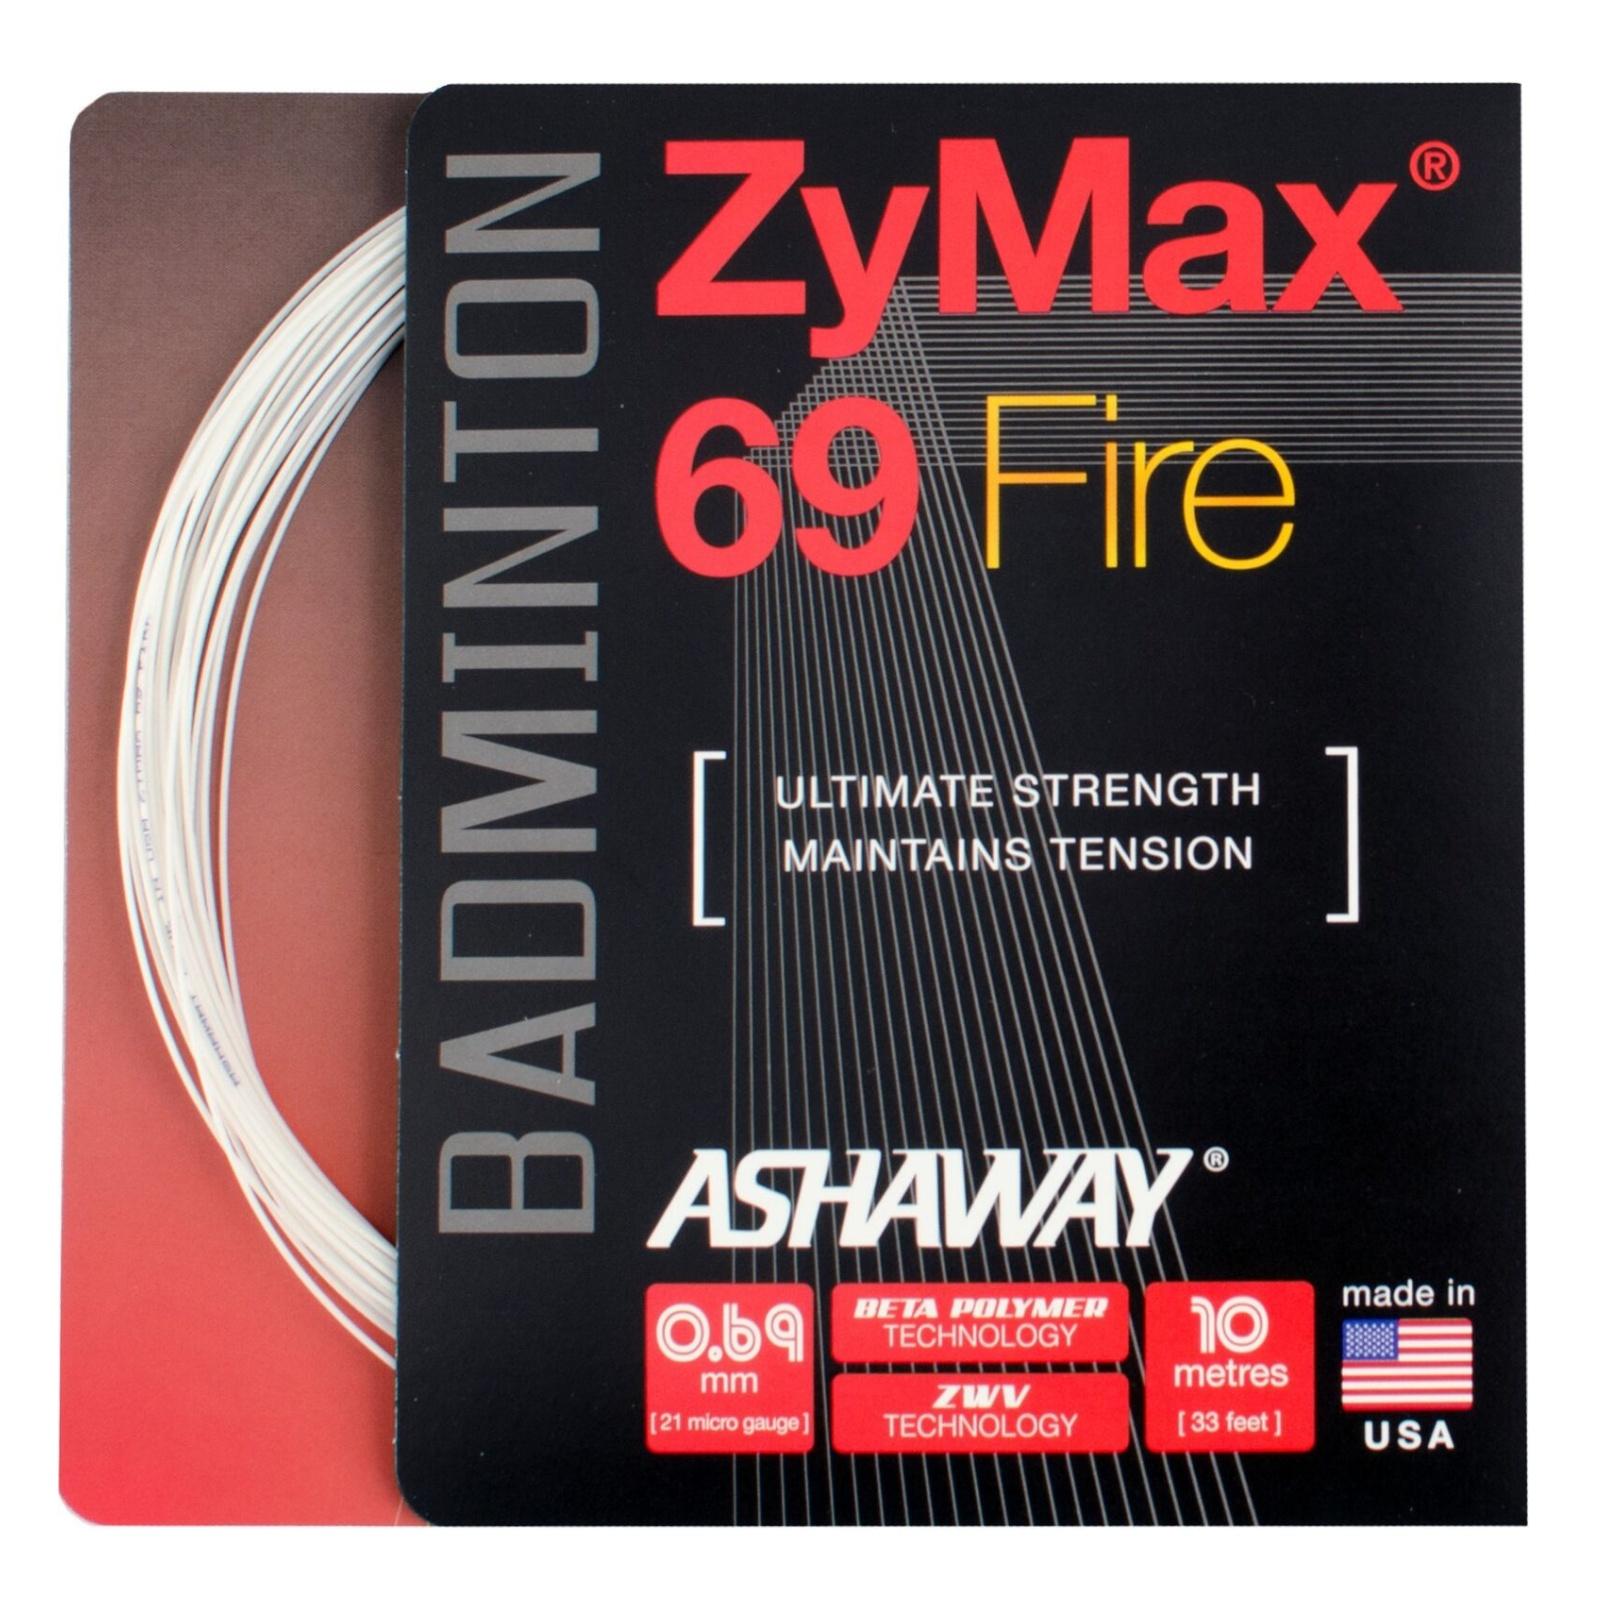 Badmintonový výplet ASHAWAY ZyMax 69 fire - set